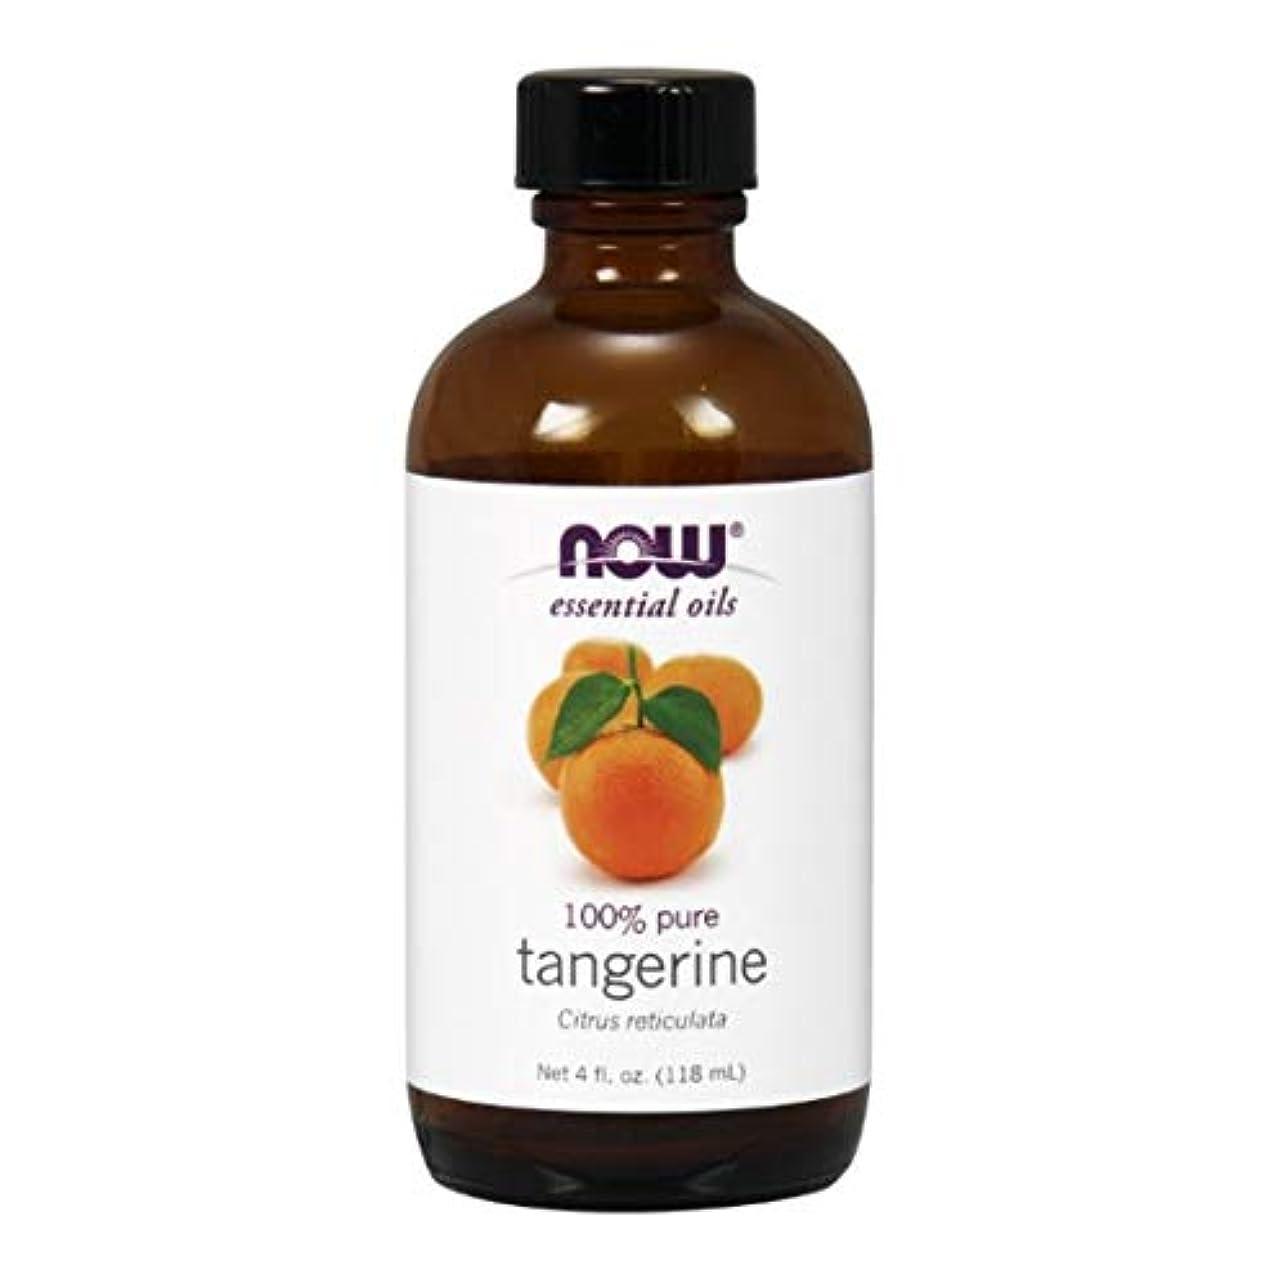 リス加速度フラフープNow - Tangerine Oil 100% Pure 4 oz (118 ml) [並行輸入品]